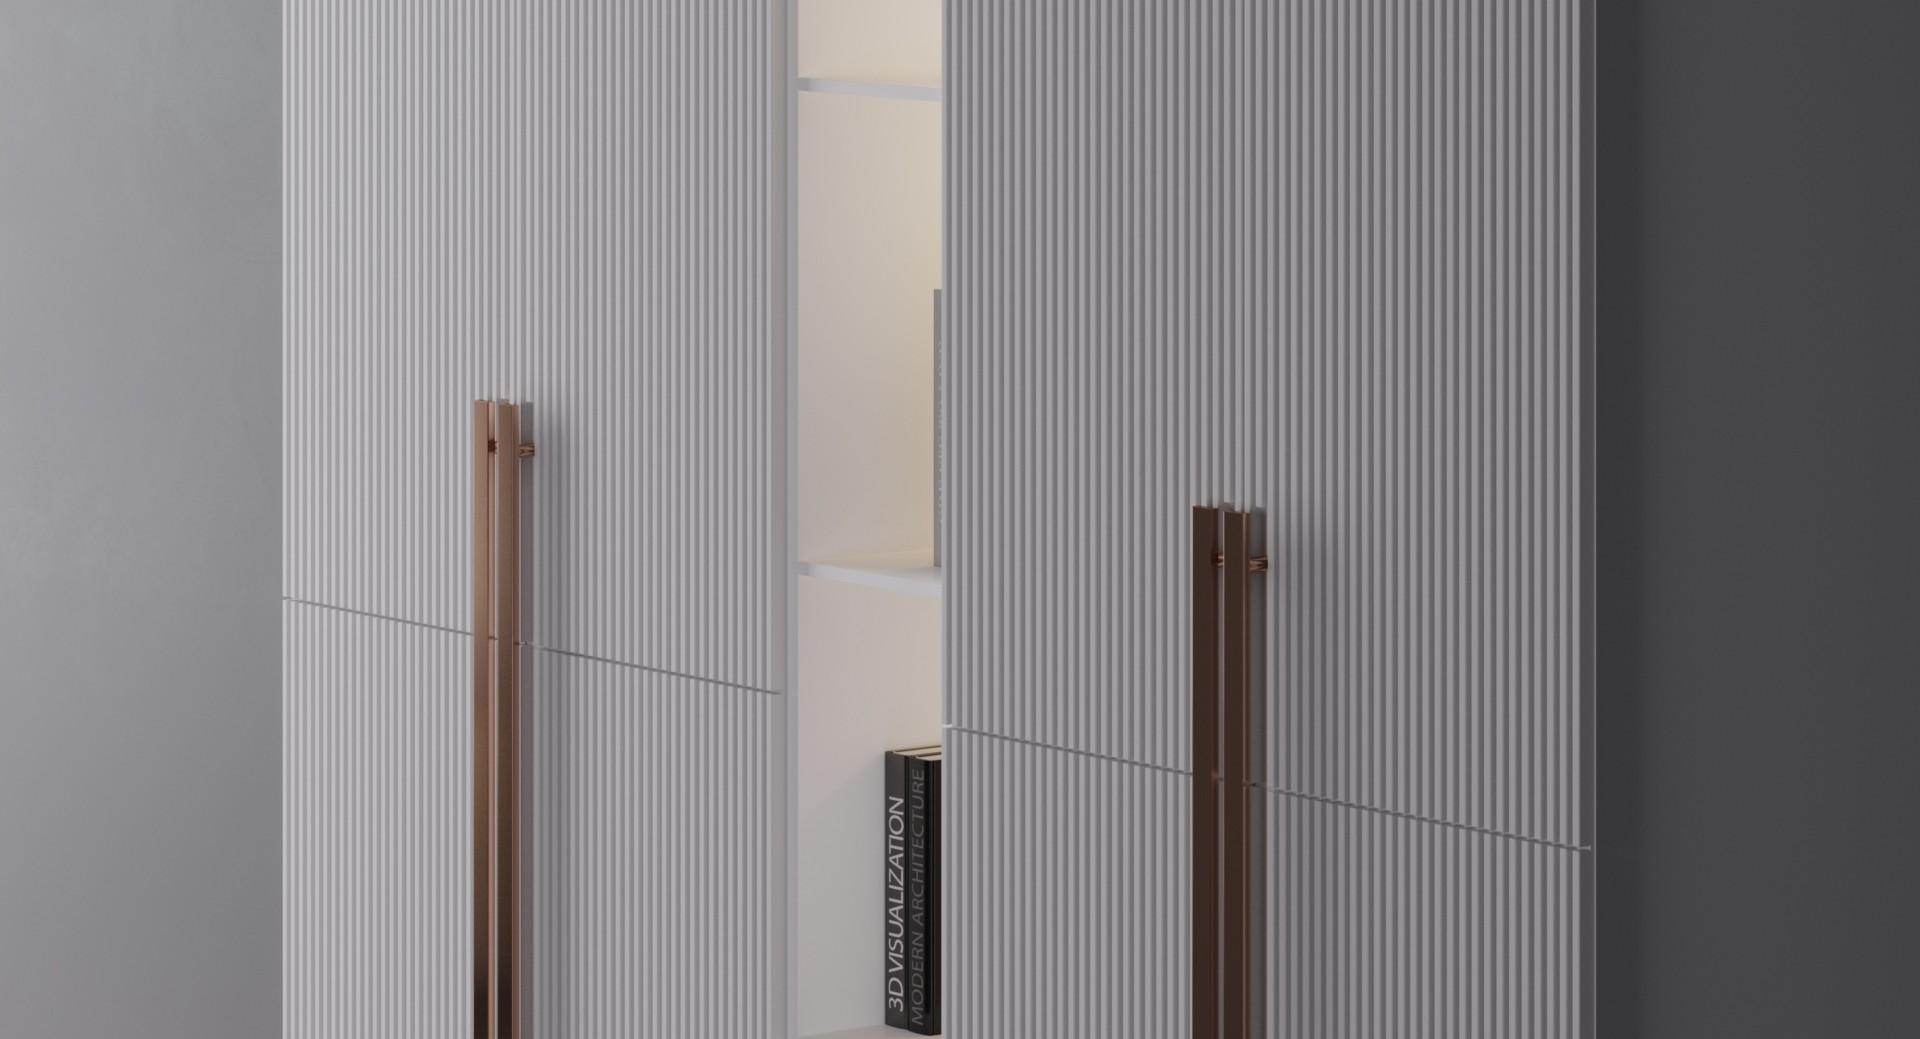 Шкаф «Валья» — рифленые фасады с вертикальными полосами